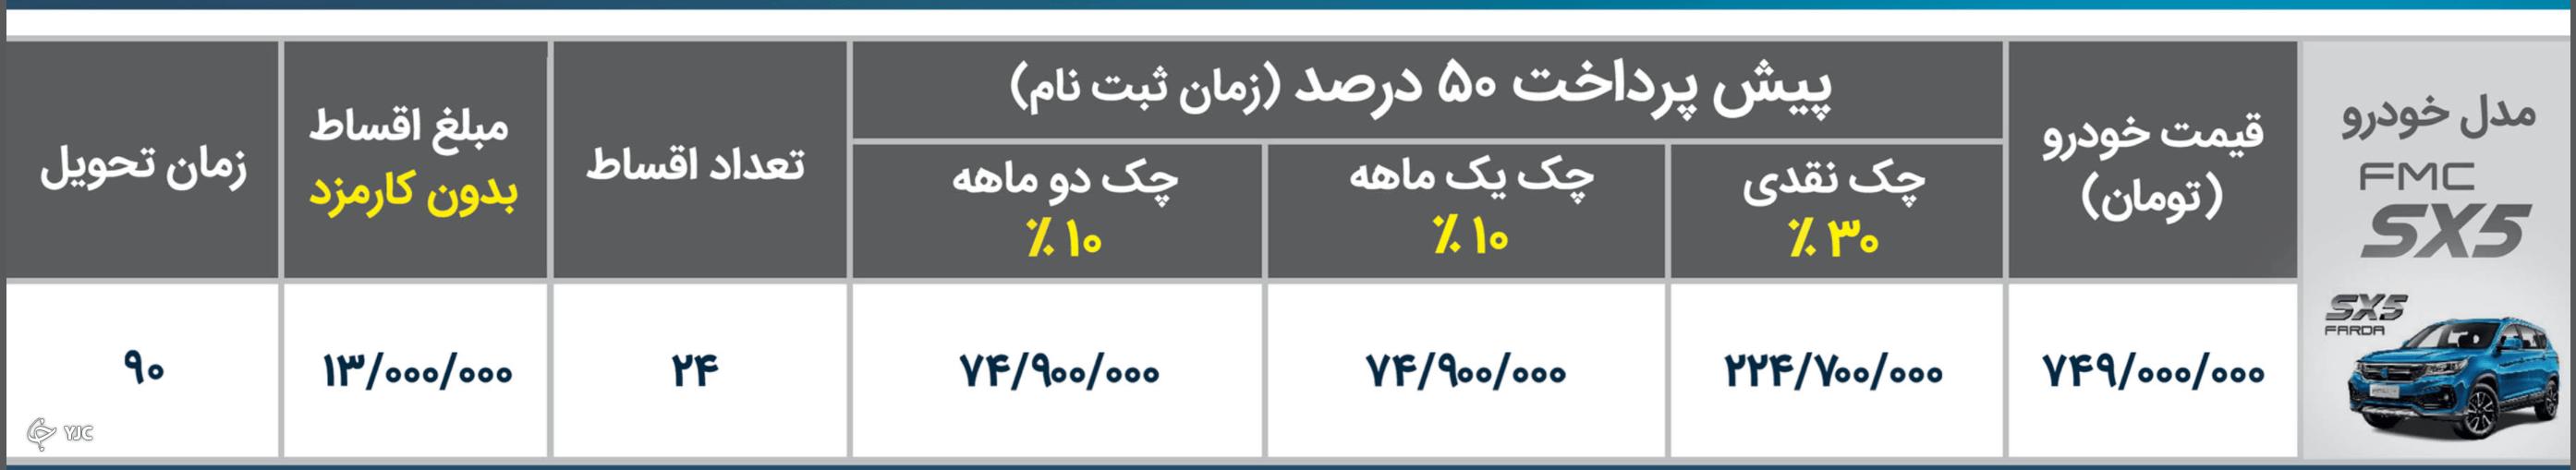 فروش اقساطی فردا SX5 / مهر 1400